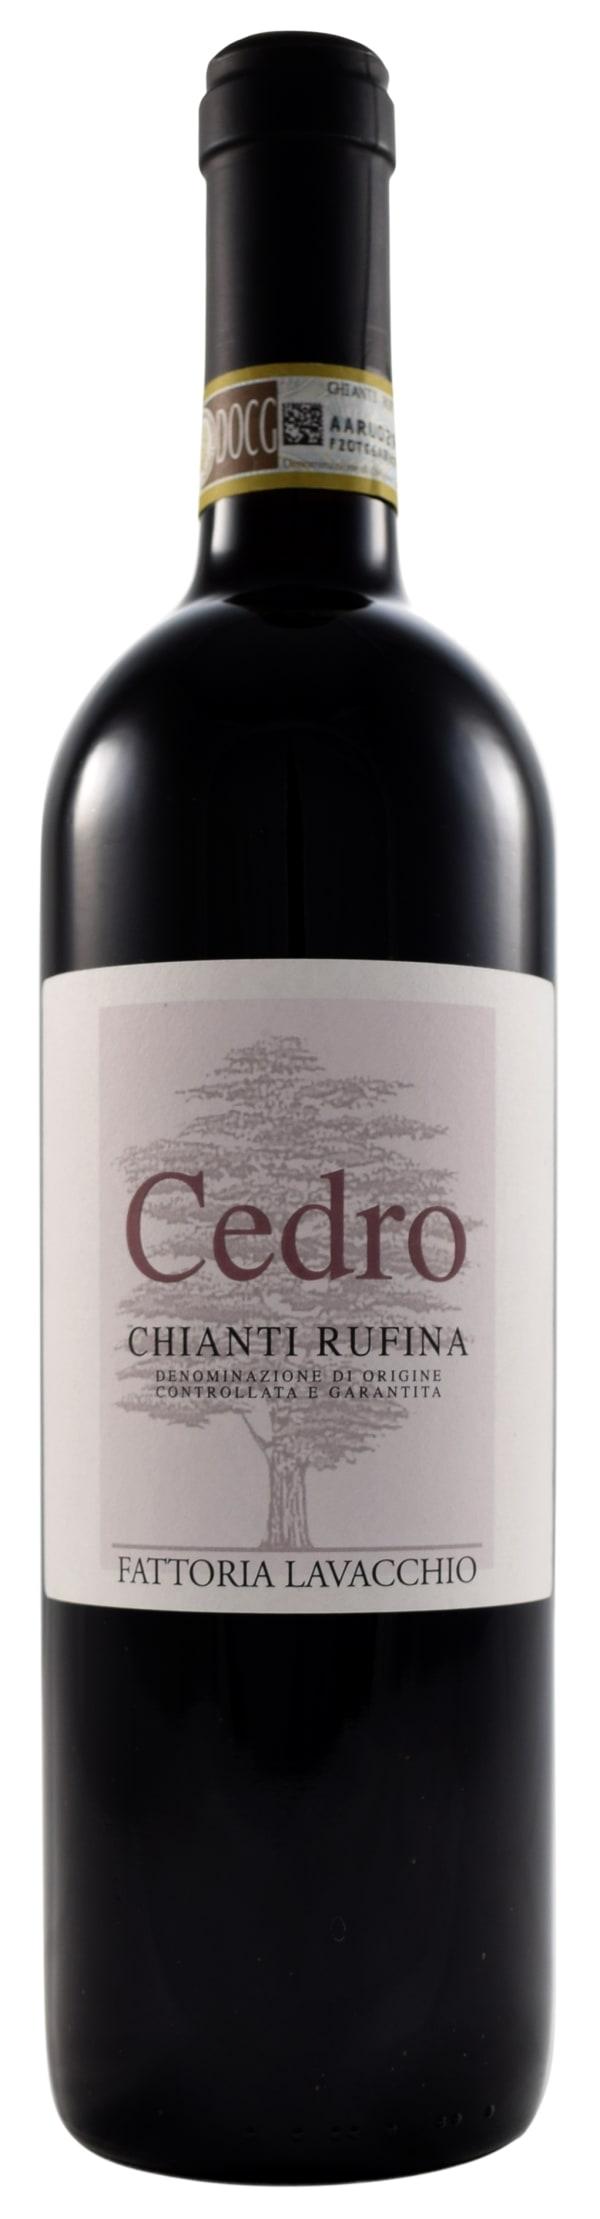 Cedro Chianti Rufina 2019